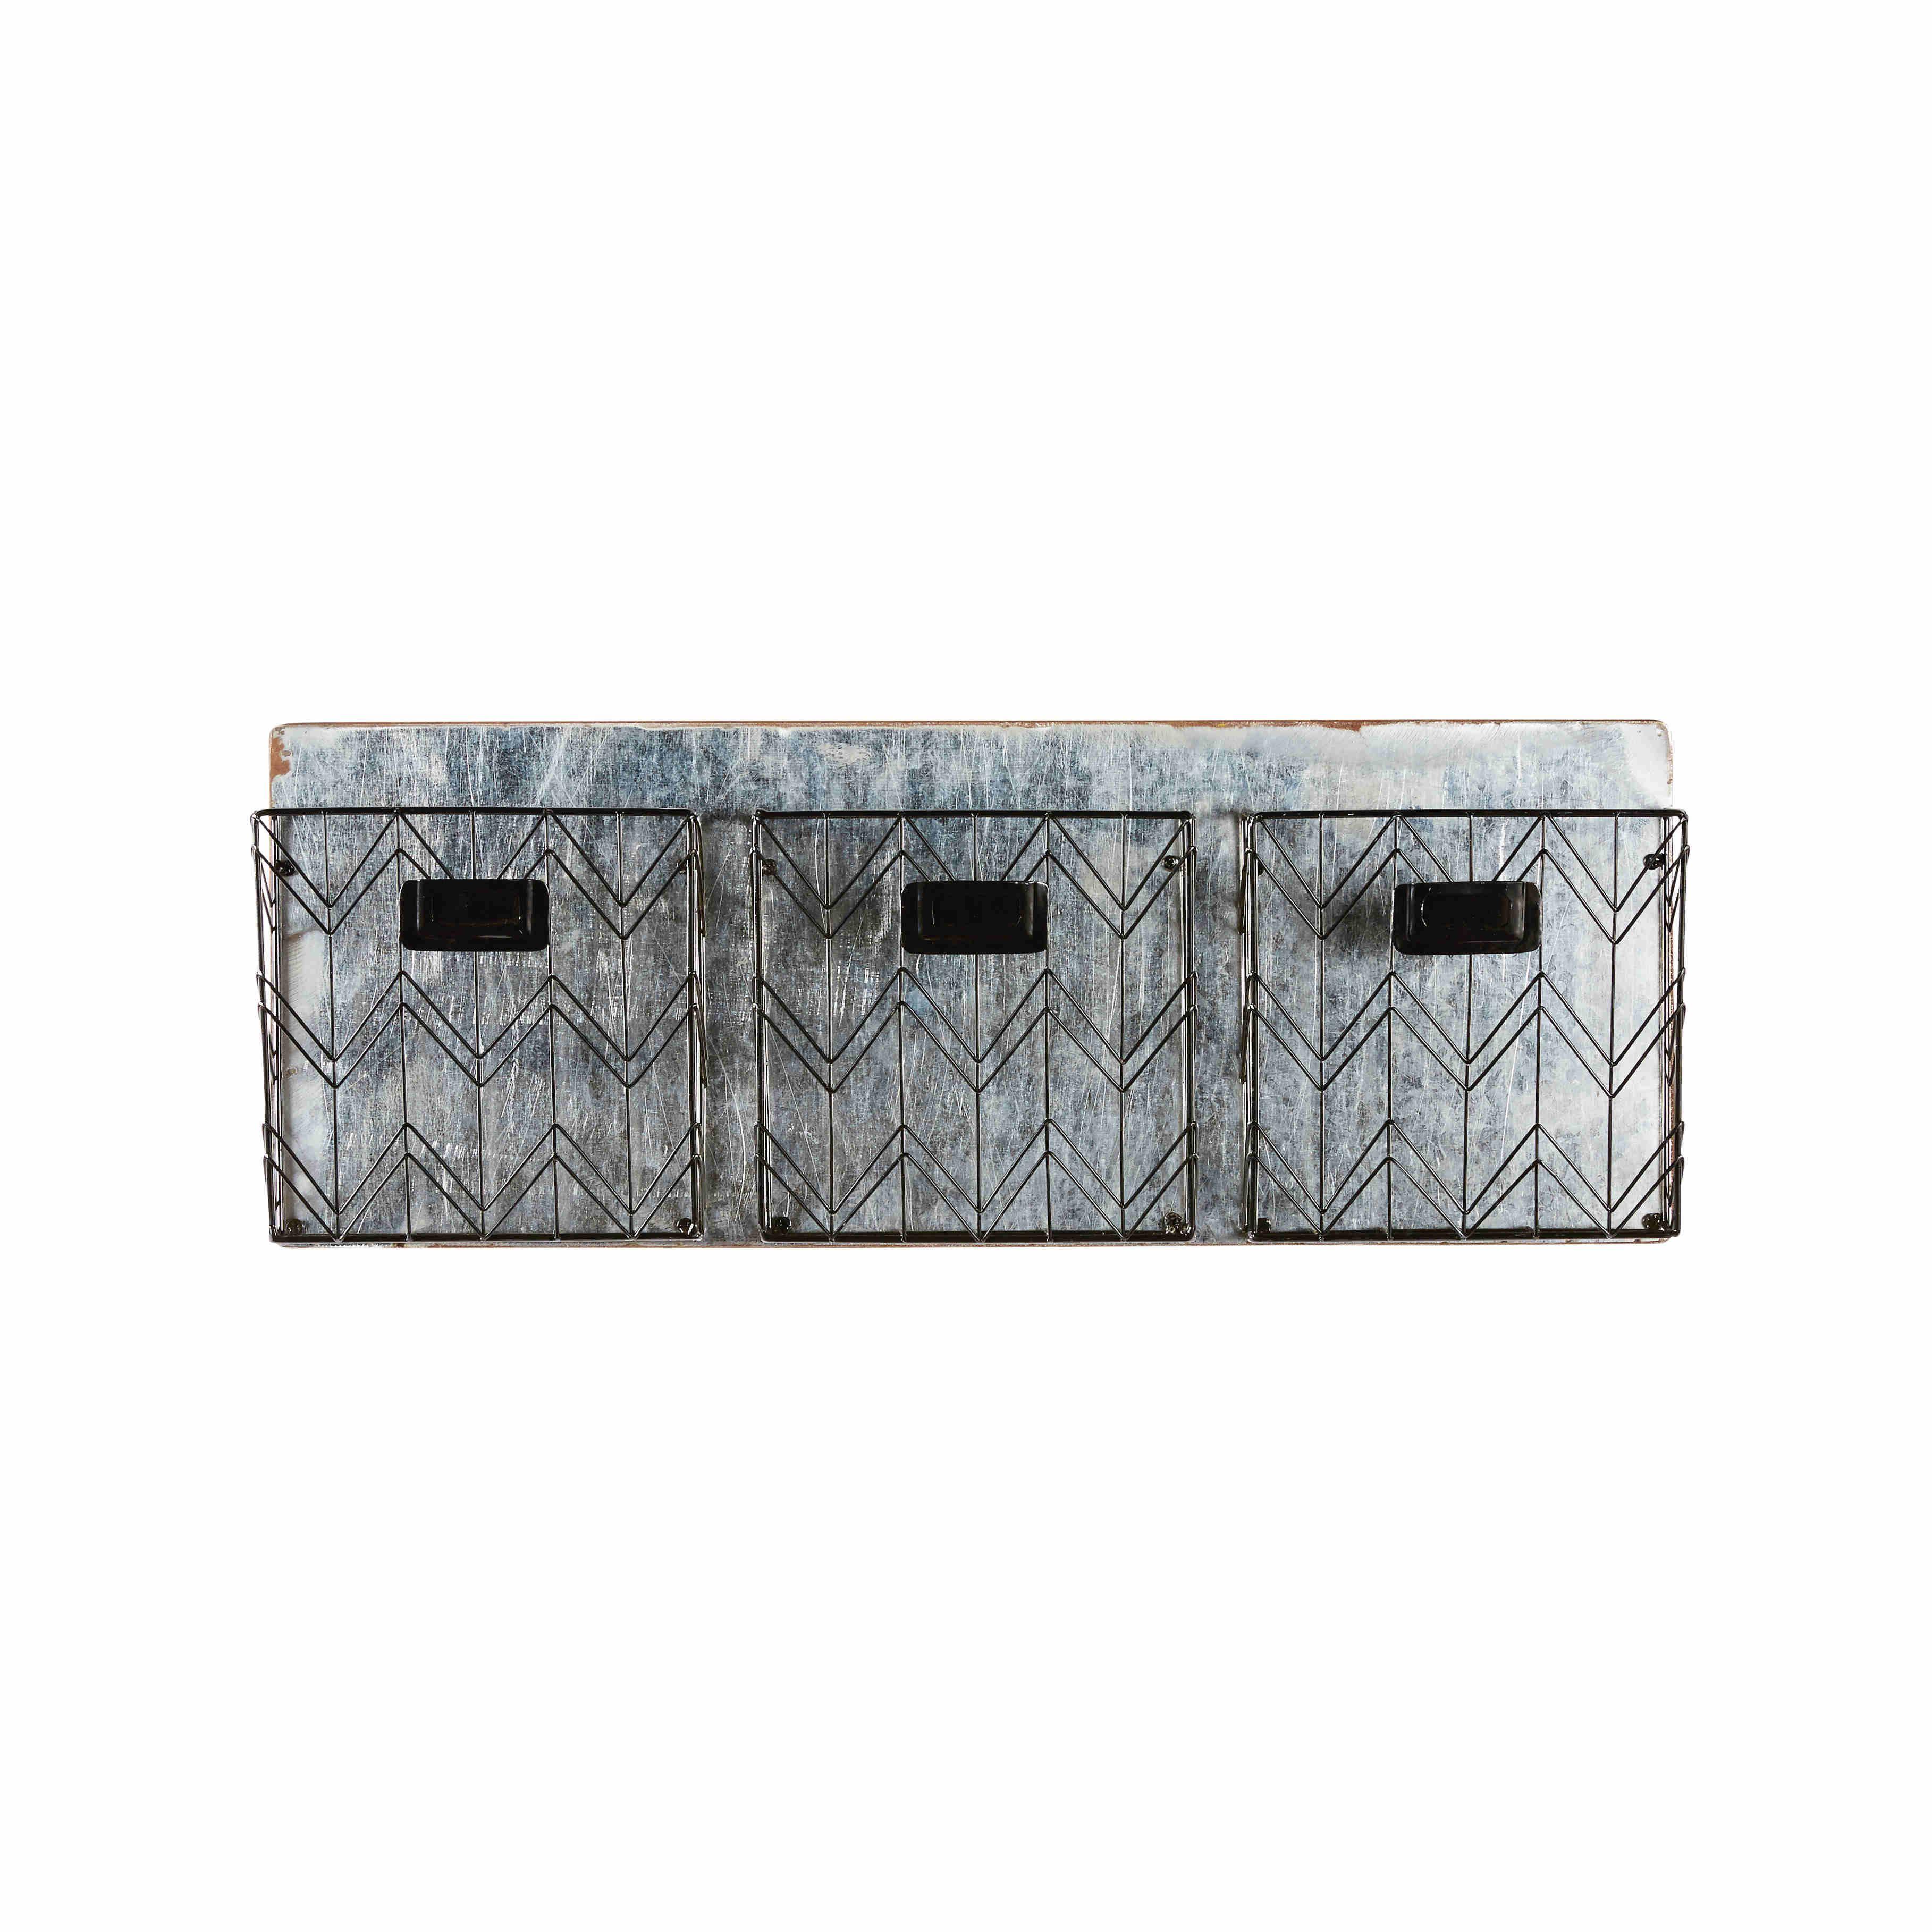 Wandregal mit 3 Fächern aus schwarzem Metall JOY | my home is my ...